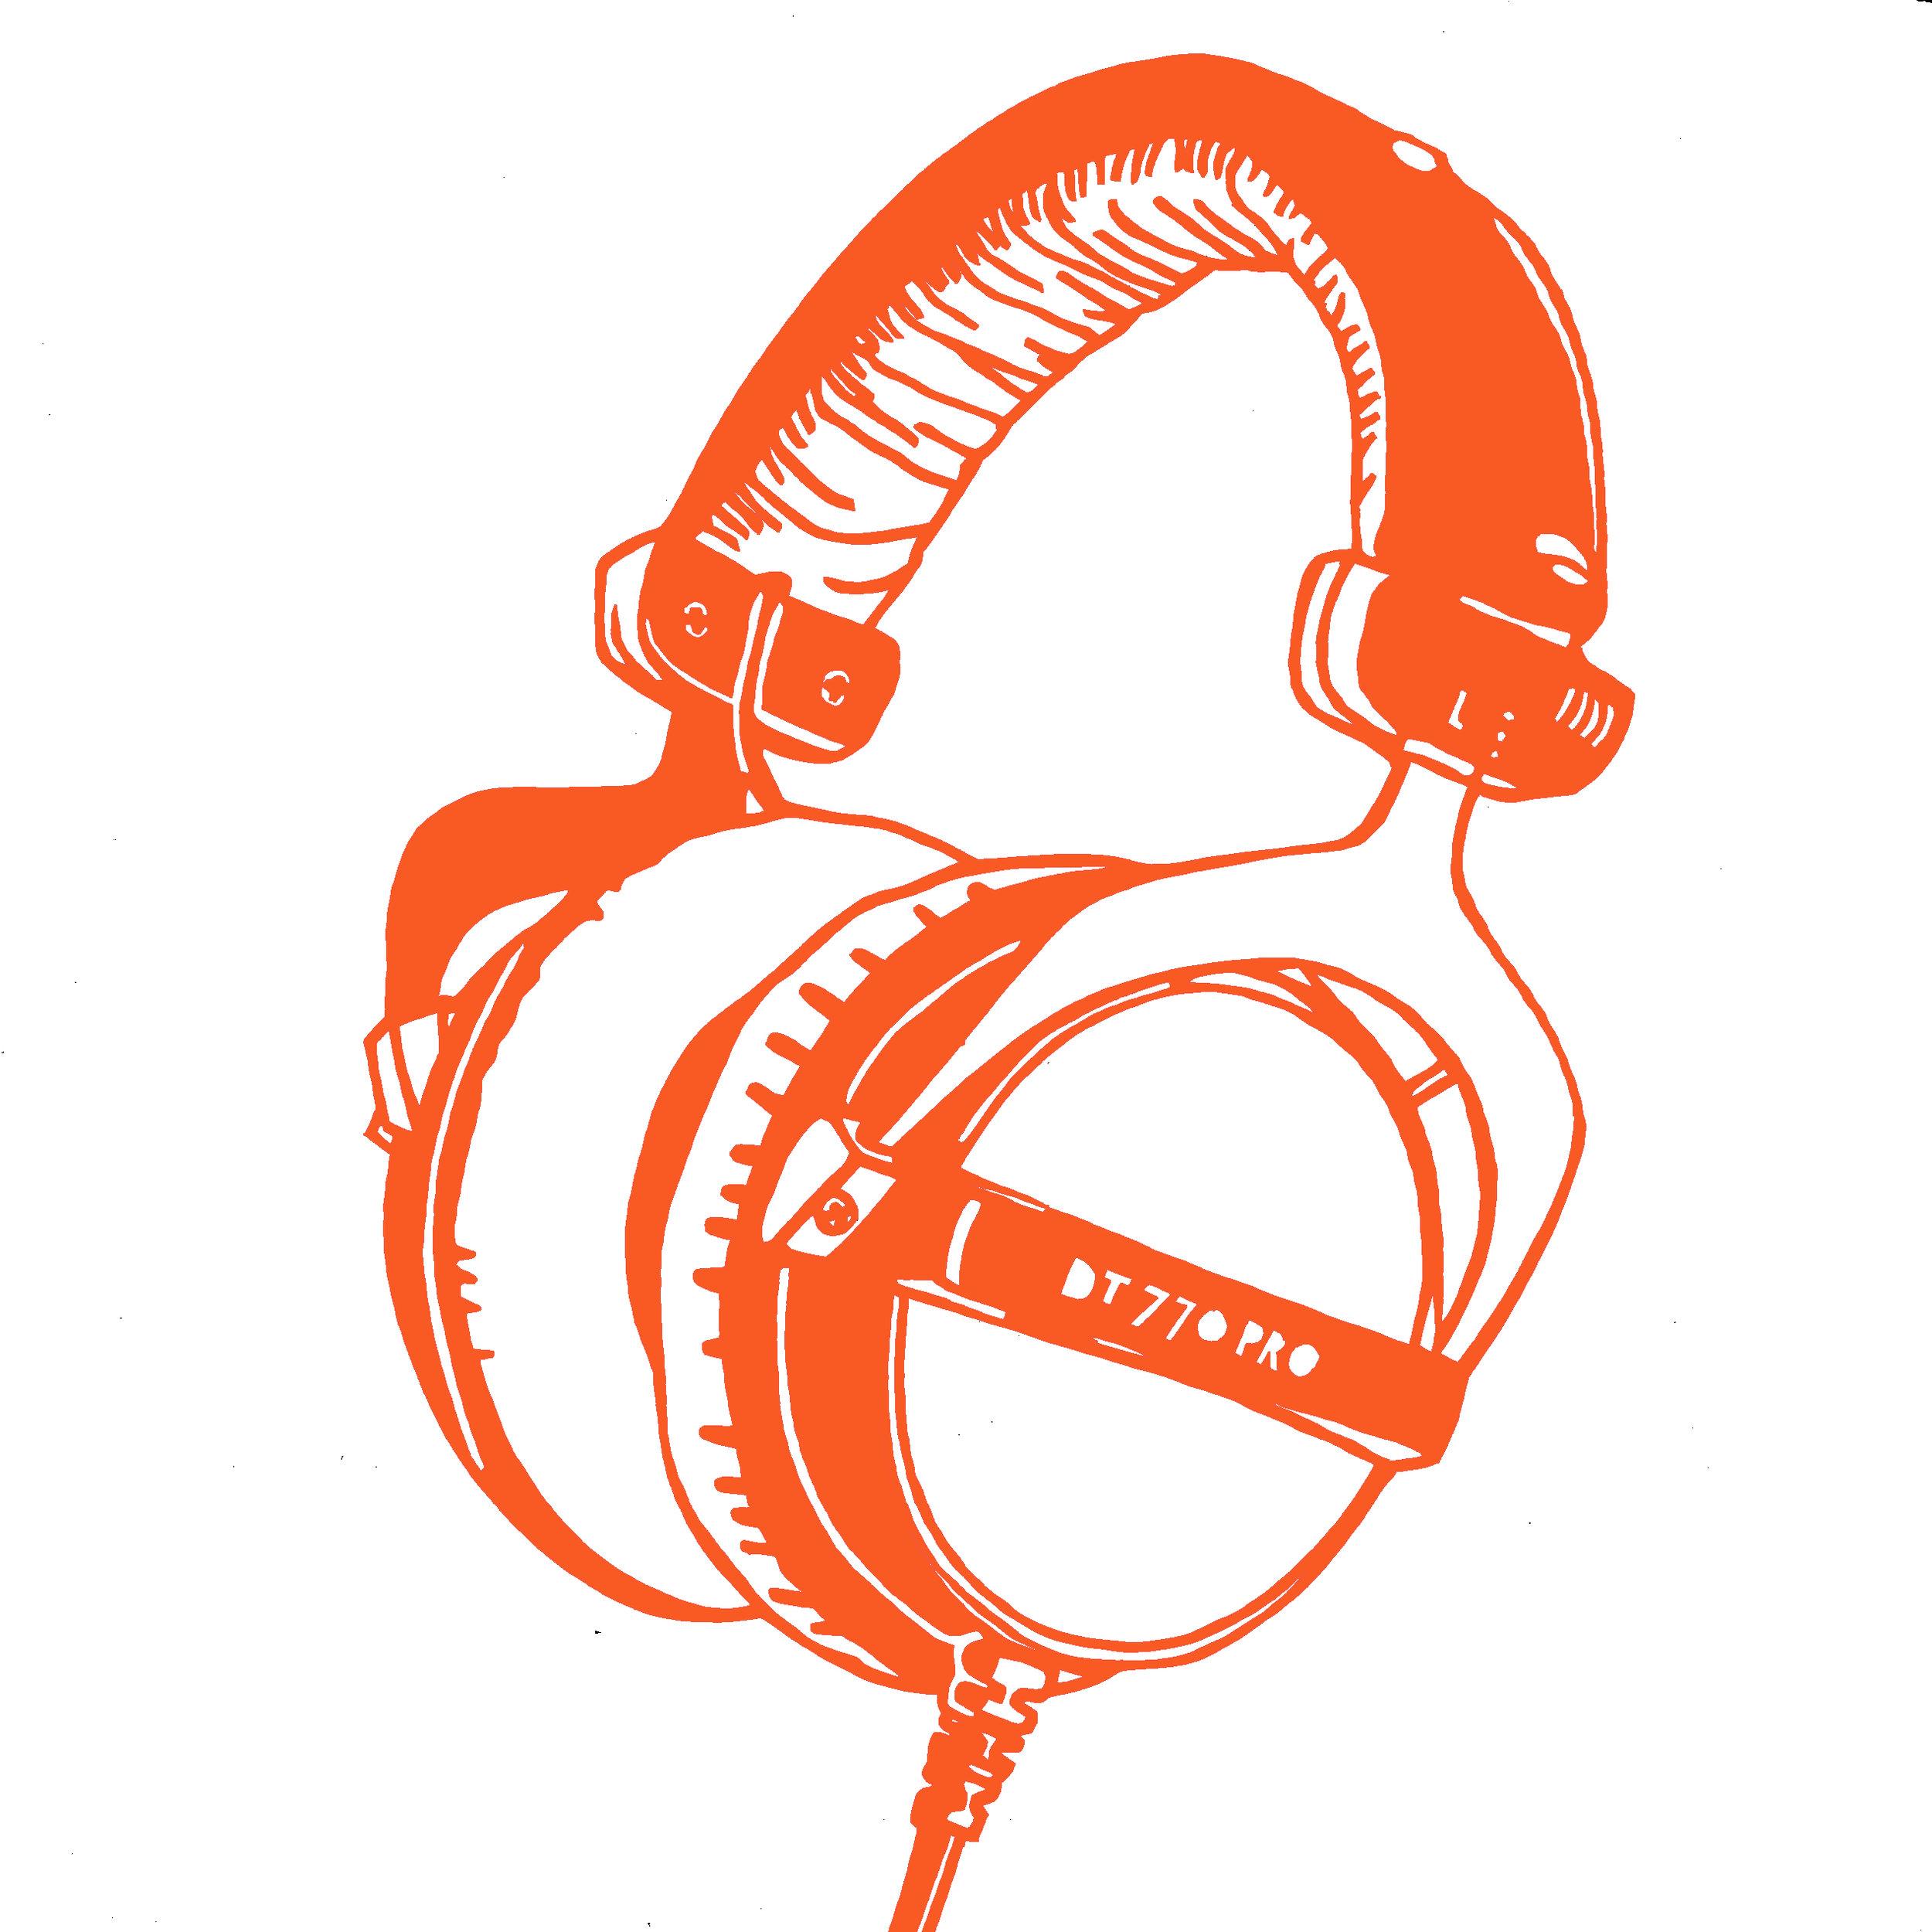 headphonesorange.jpg